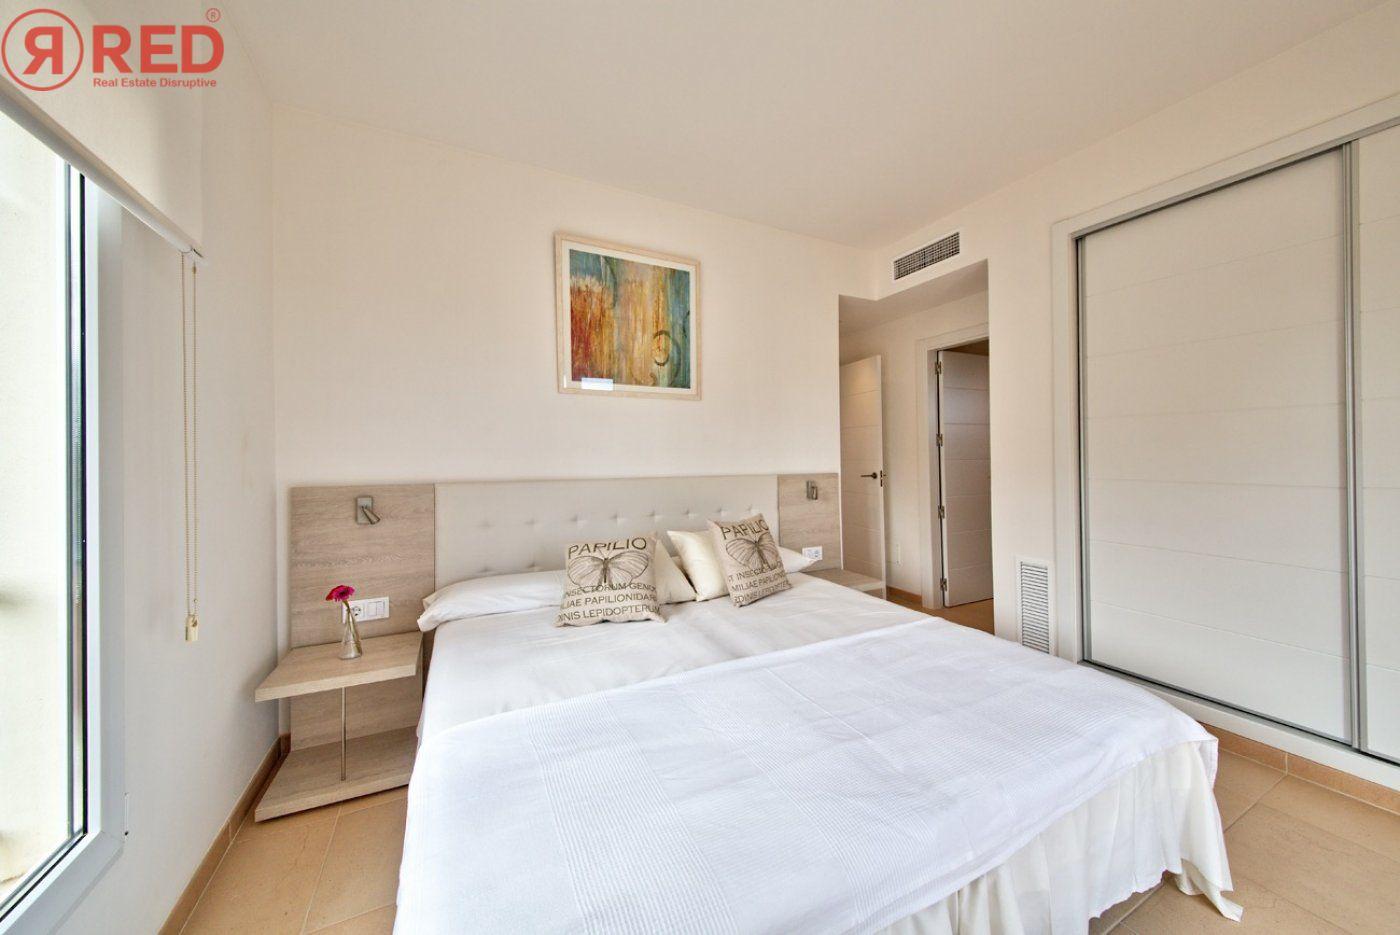 Se vende exclusivas viviendas de lujo en mallorca - imagenInmueble11